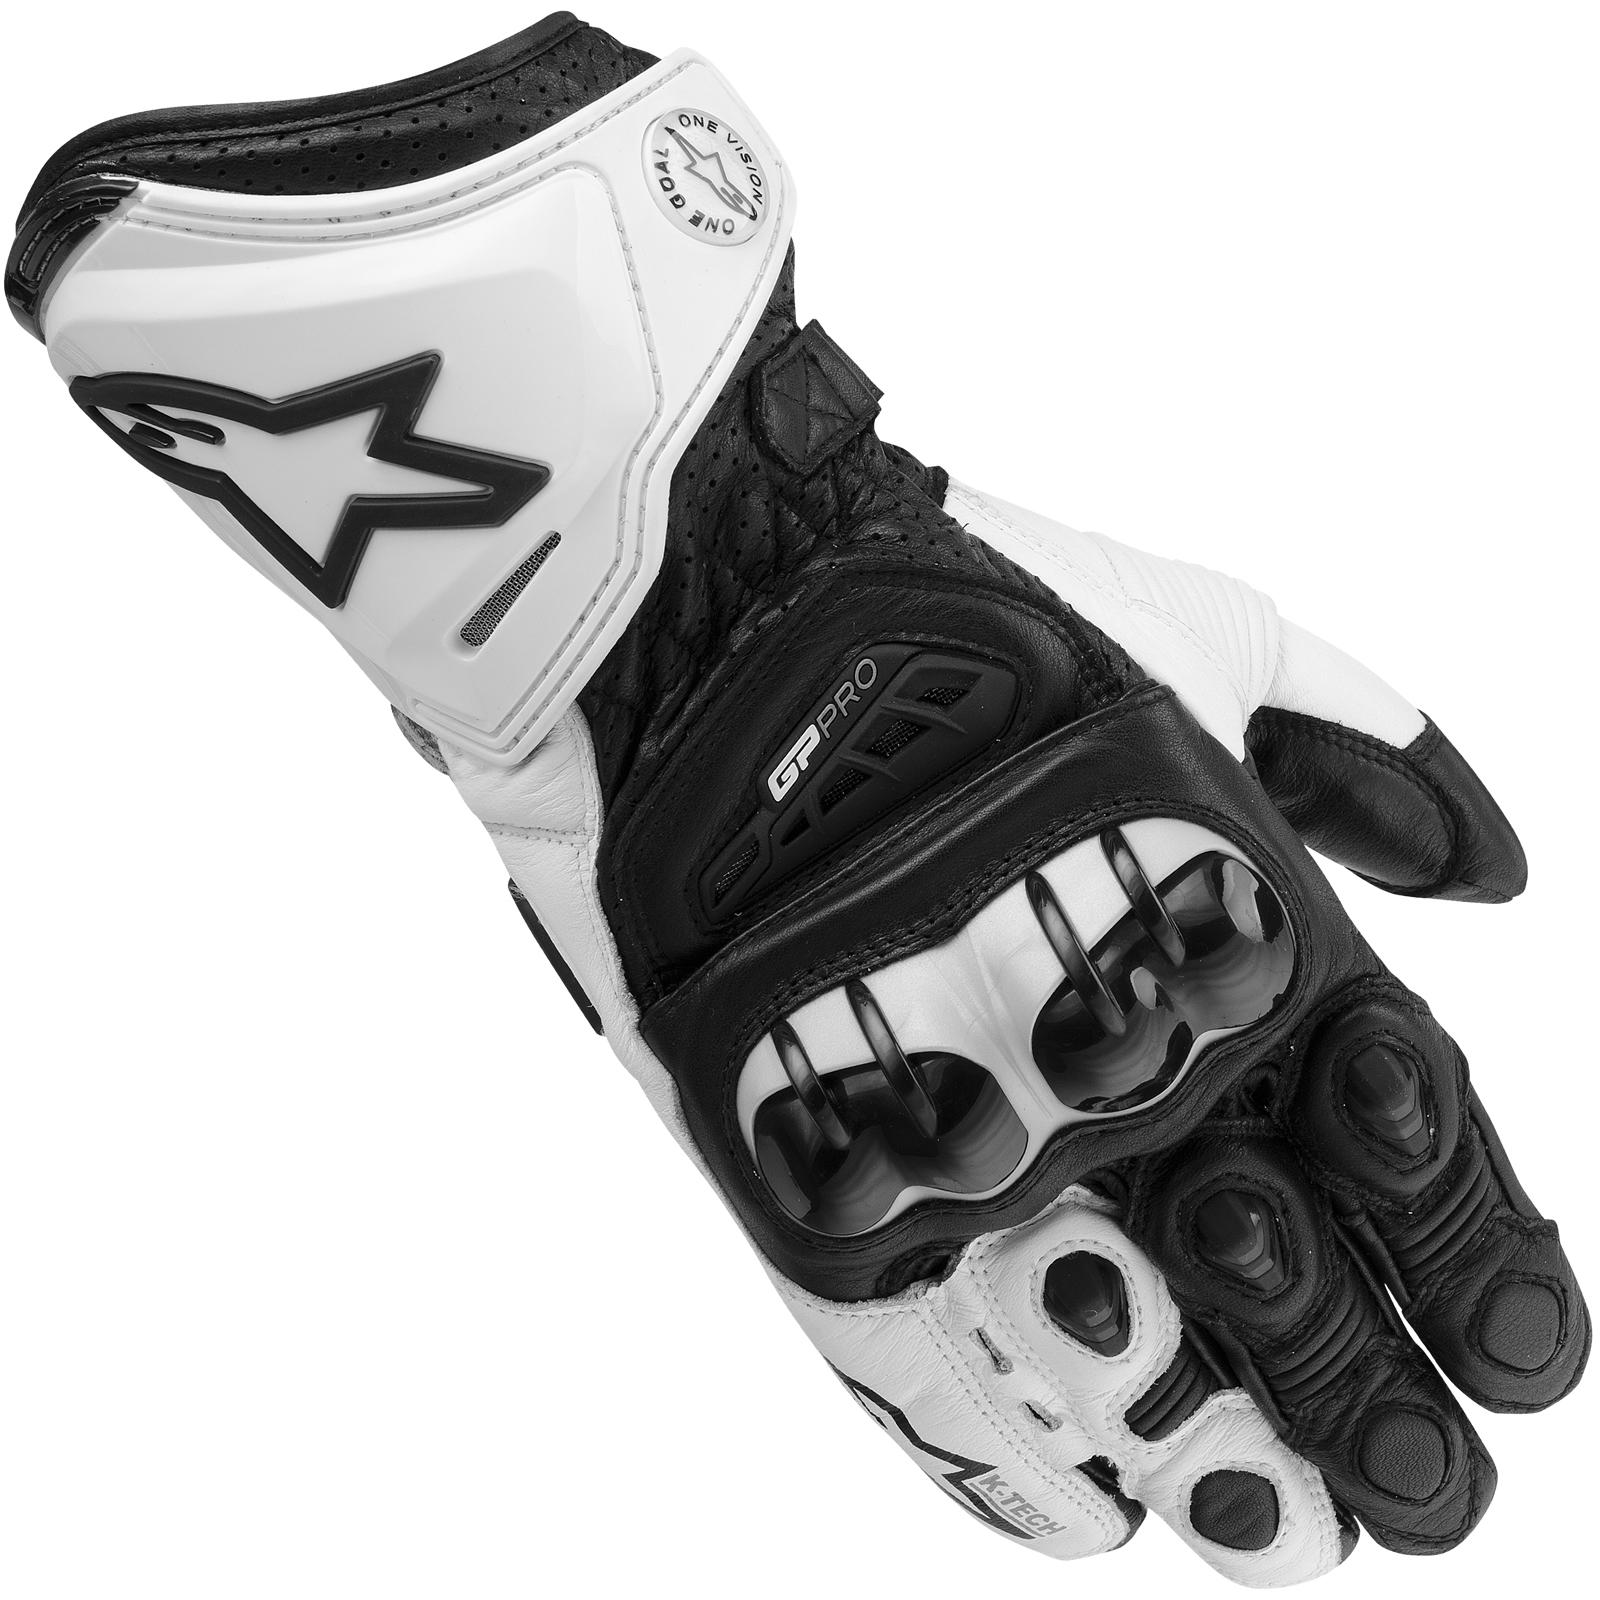 Alpinestar Motorcycle Gloves >> Alpinestar Motorbike Gloves Disabilityafrica Org In 2018